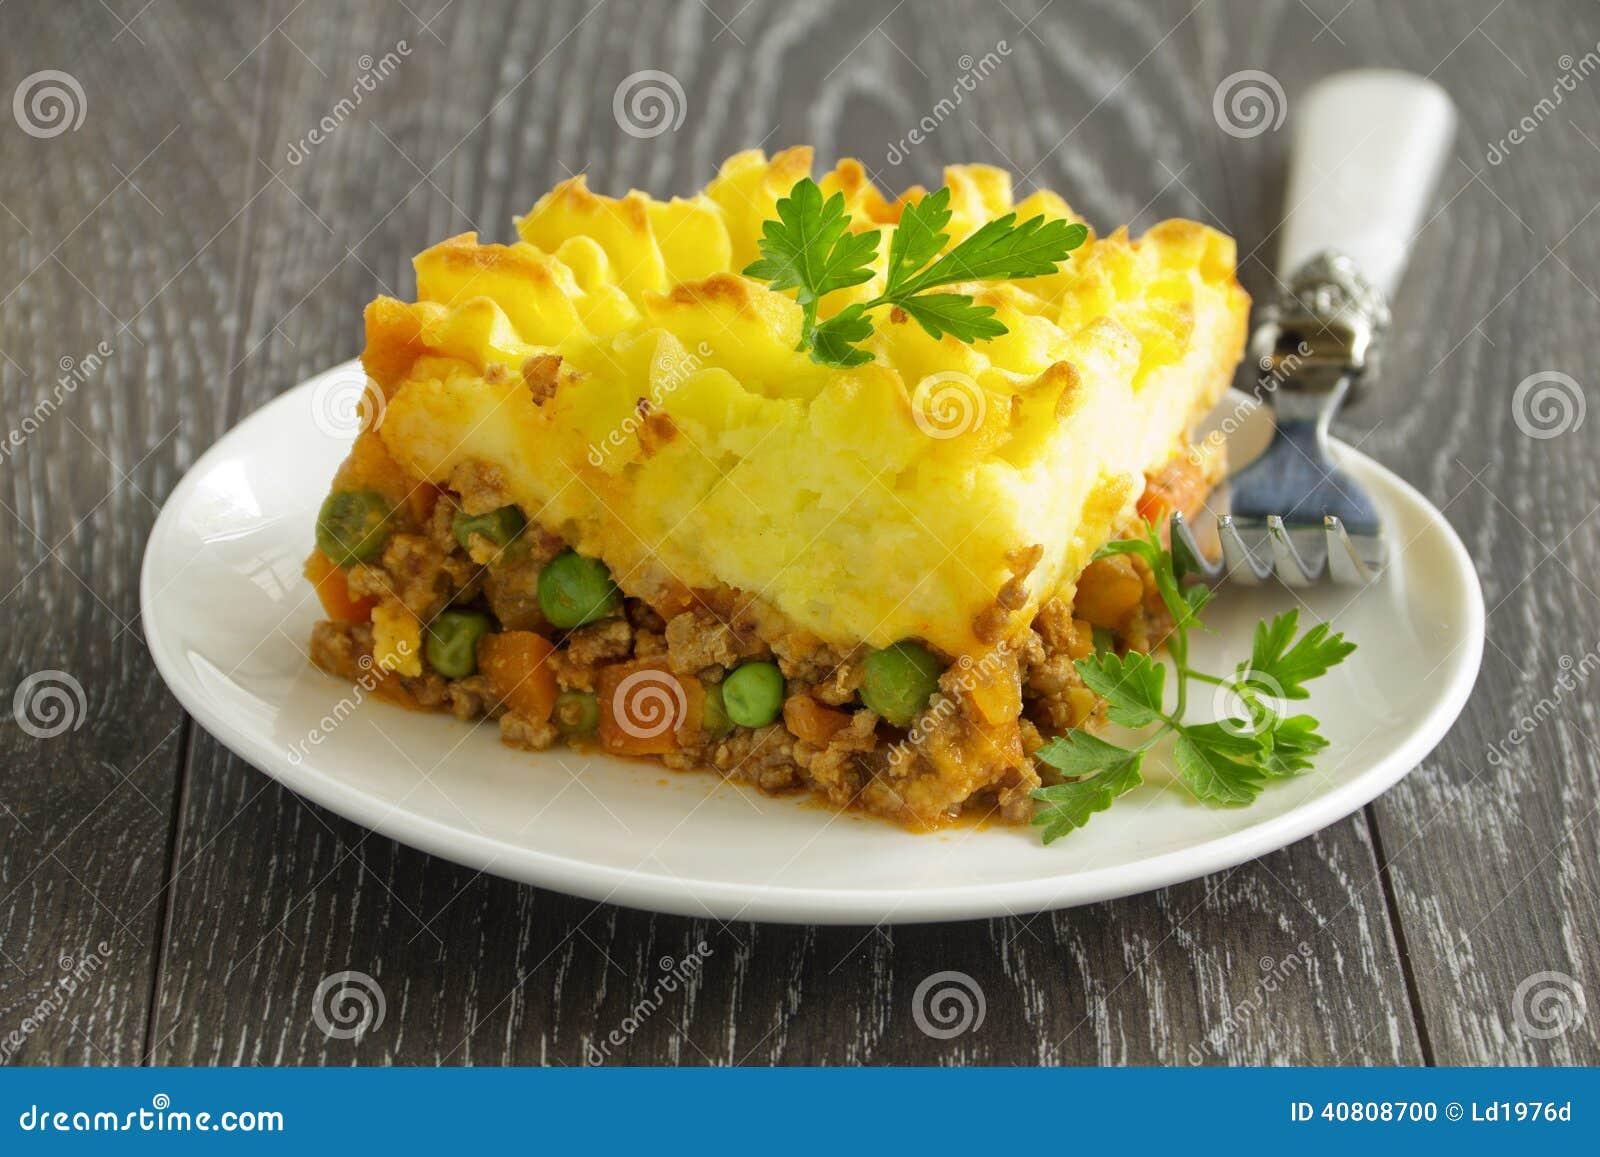 Torta Di Carne, Cucina Inglese Fotografia Stock - Immagine: 40808700